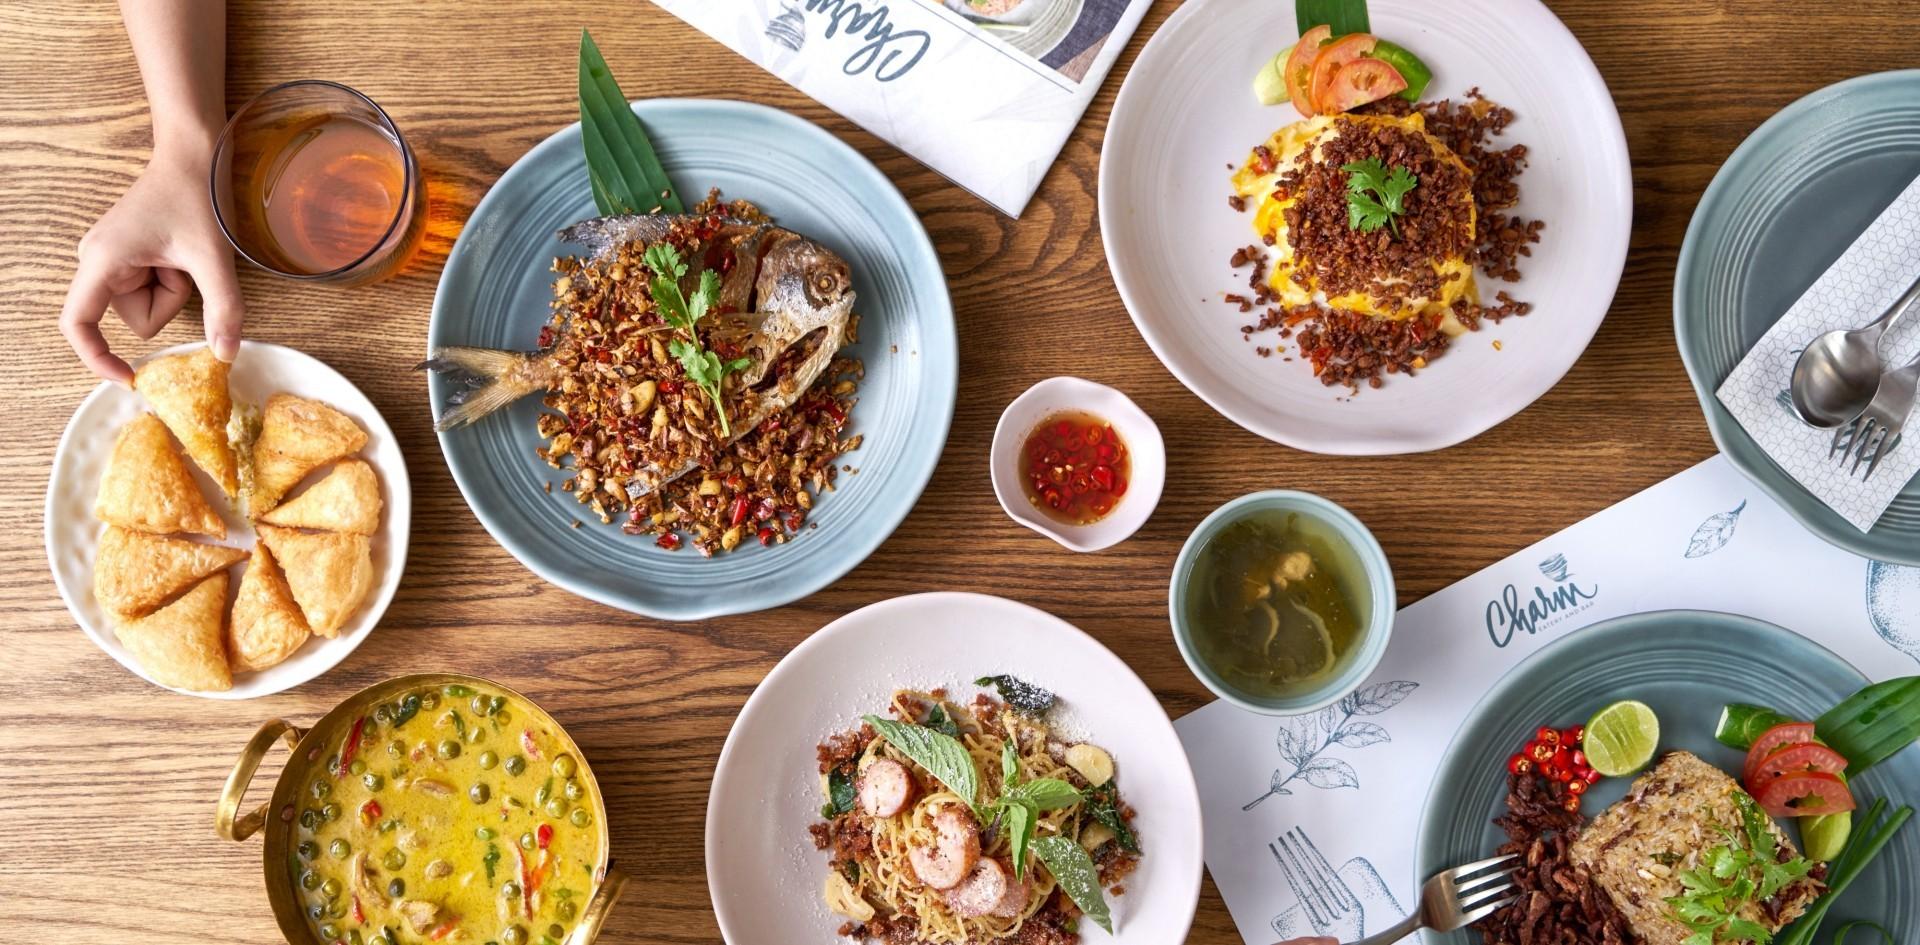 """""""CHARM EATERY AND BAR"""" ร้านอาหารไทยสุดจัดจ้าน สูตรคุณย่า"""